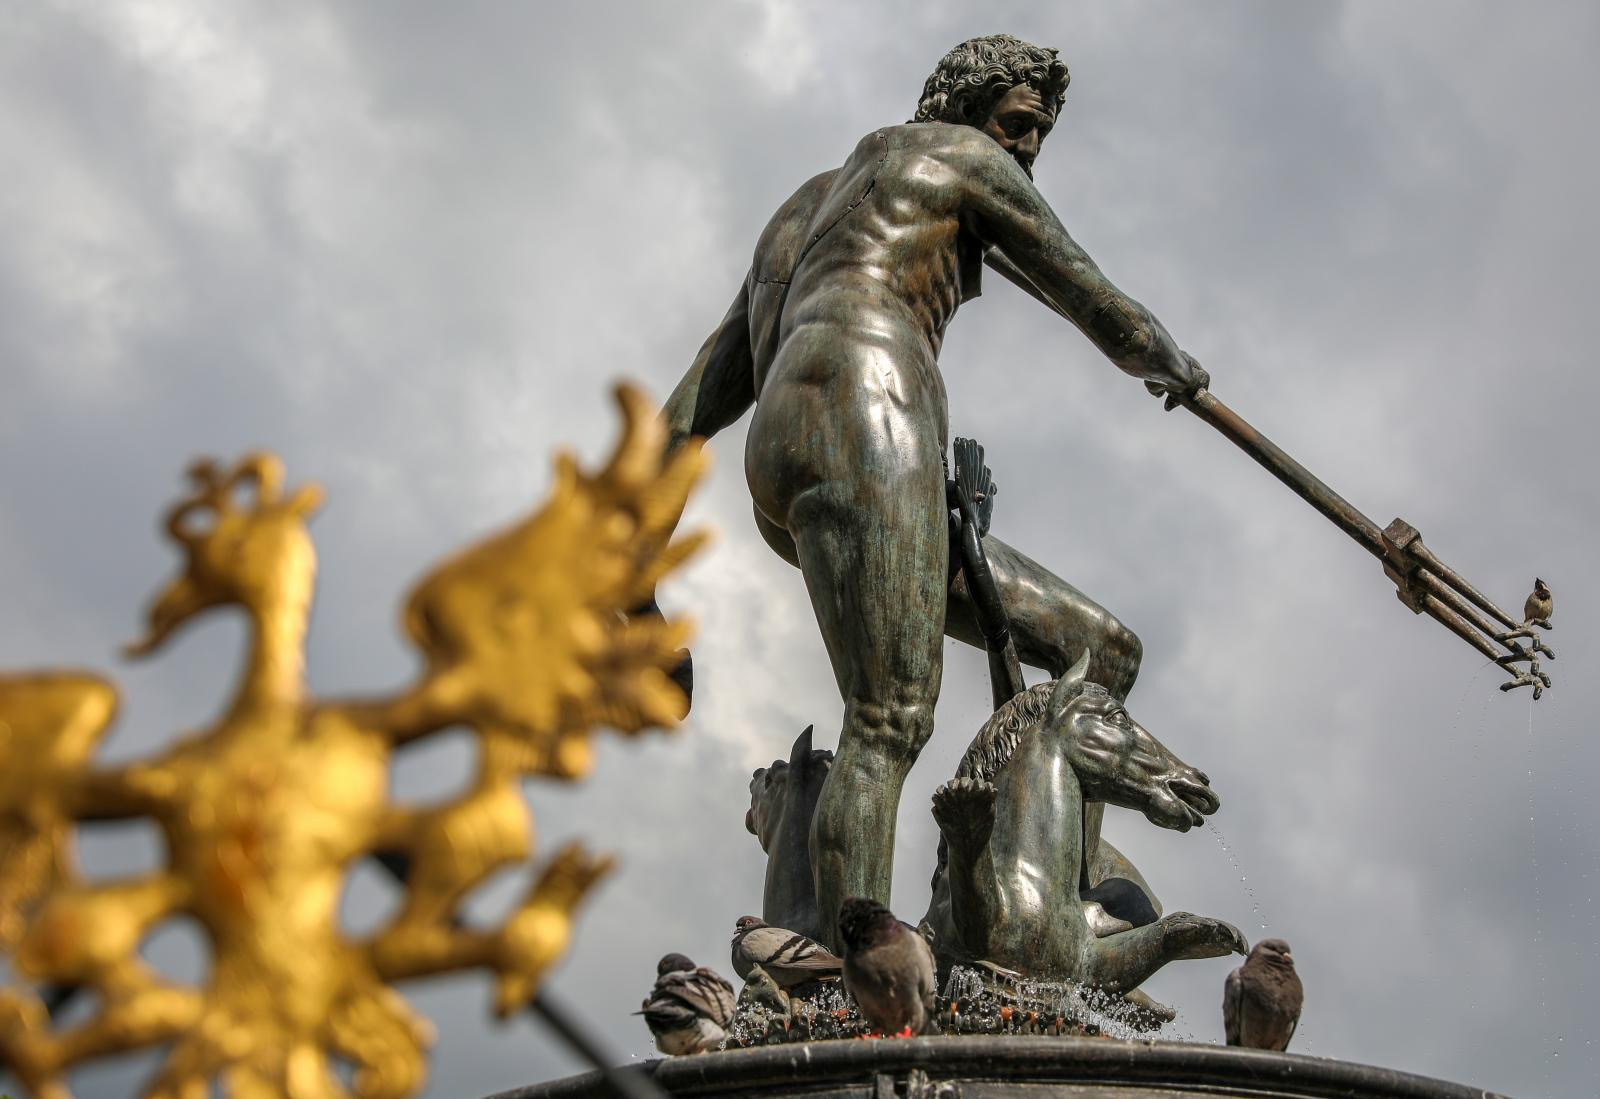 Vart hundrade år sägs det att vattnet i fontänen blir till Goldwasser.